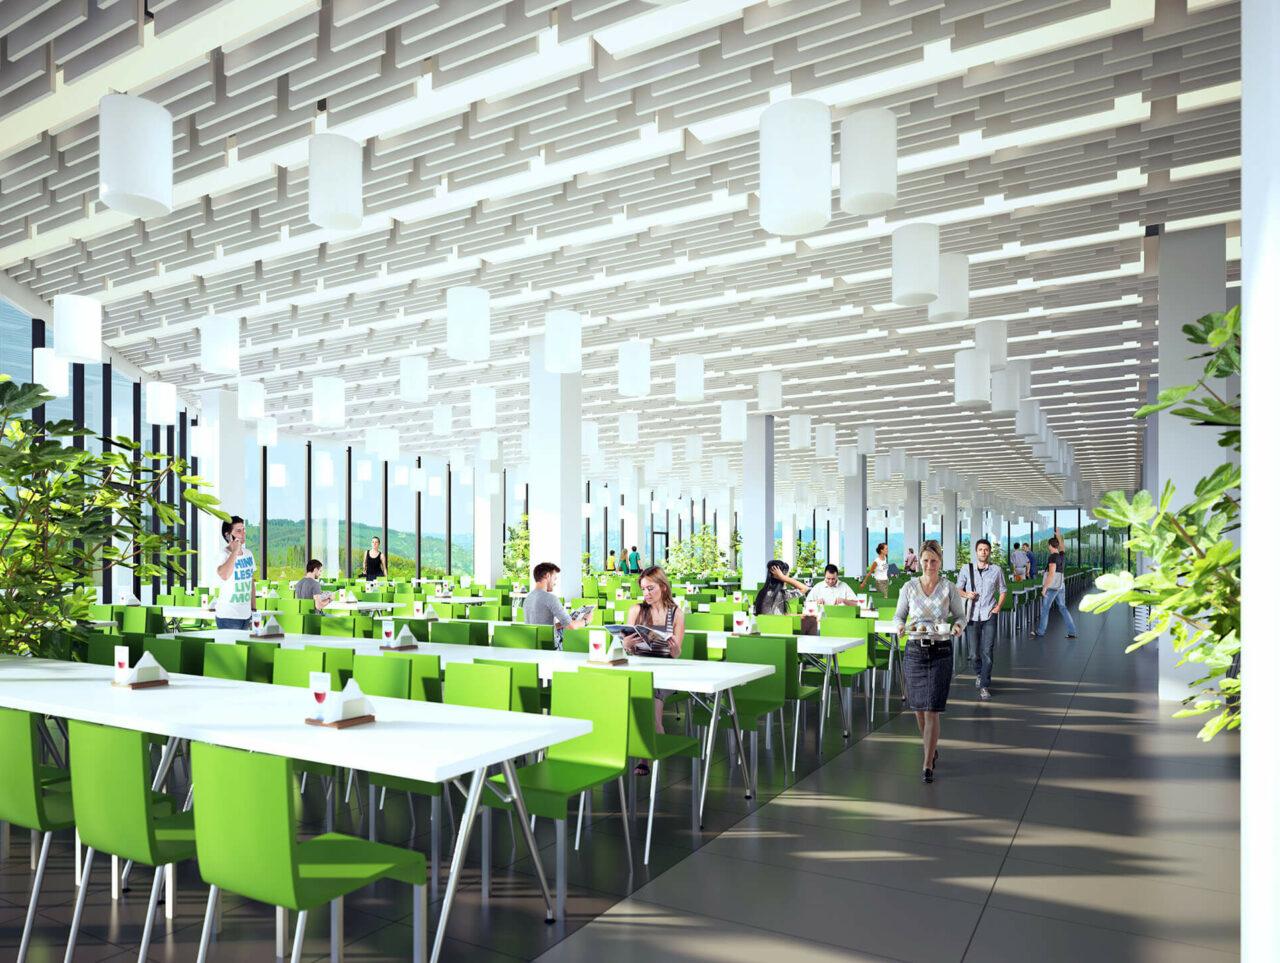 Universität Siegen Modernisierung Sanierung Cafeteria